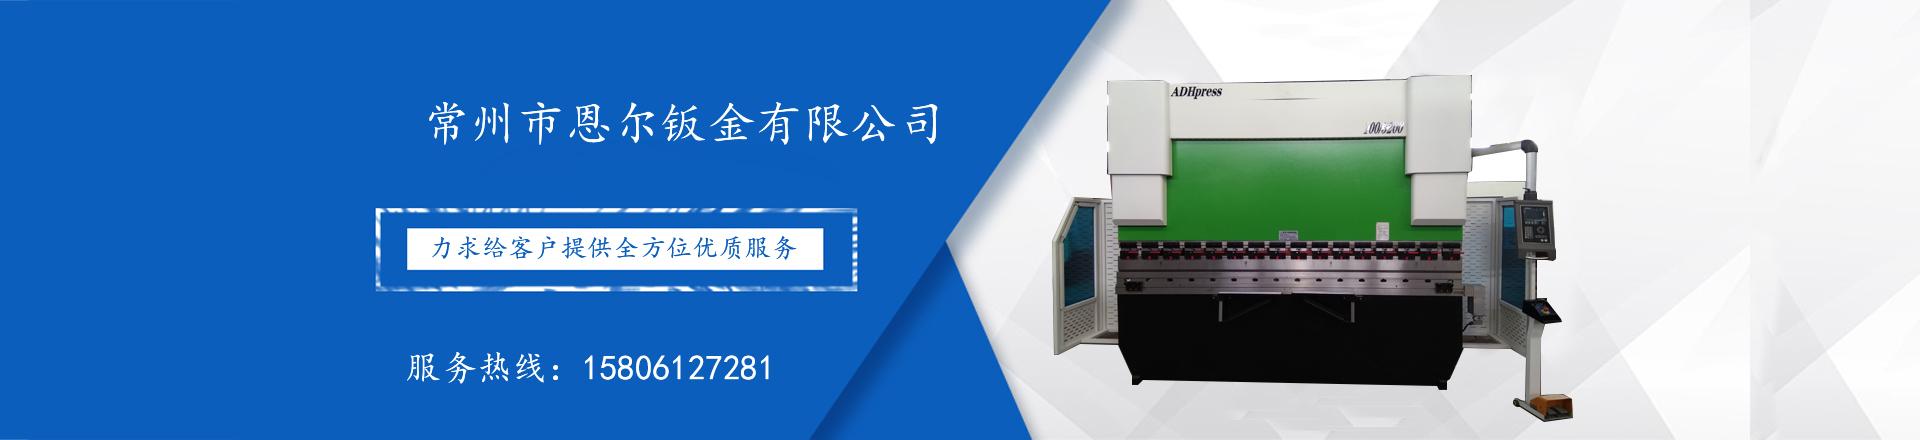 从事精密机械钣金加工、激光切割加工(热线:15806127281)